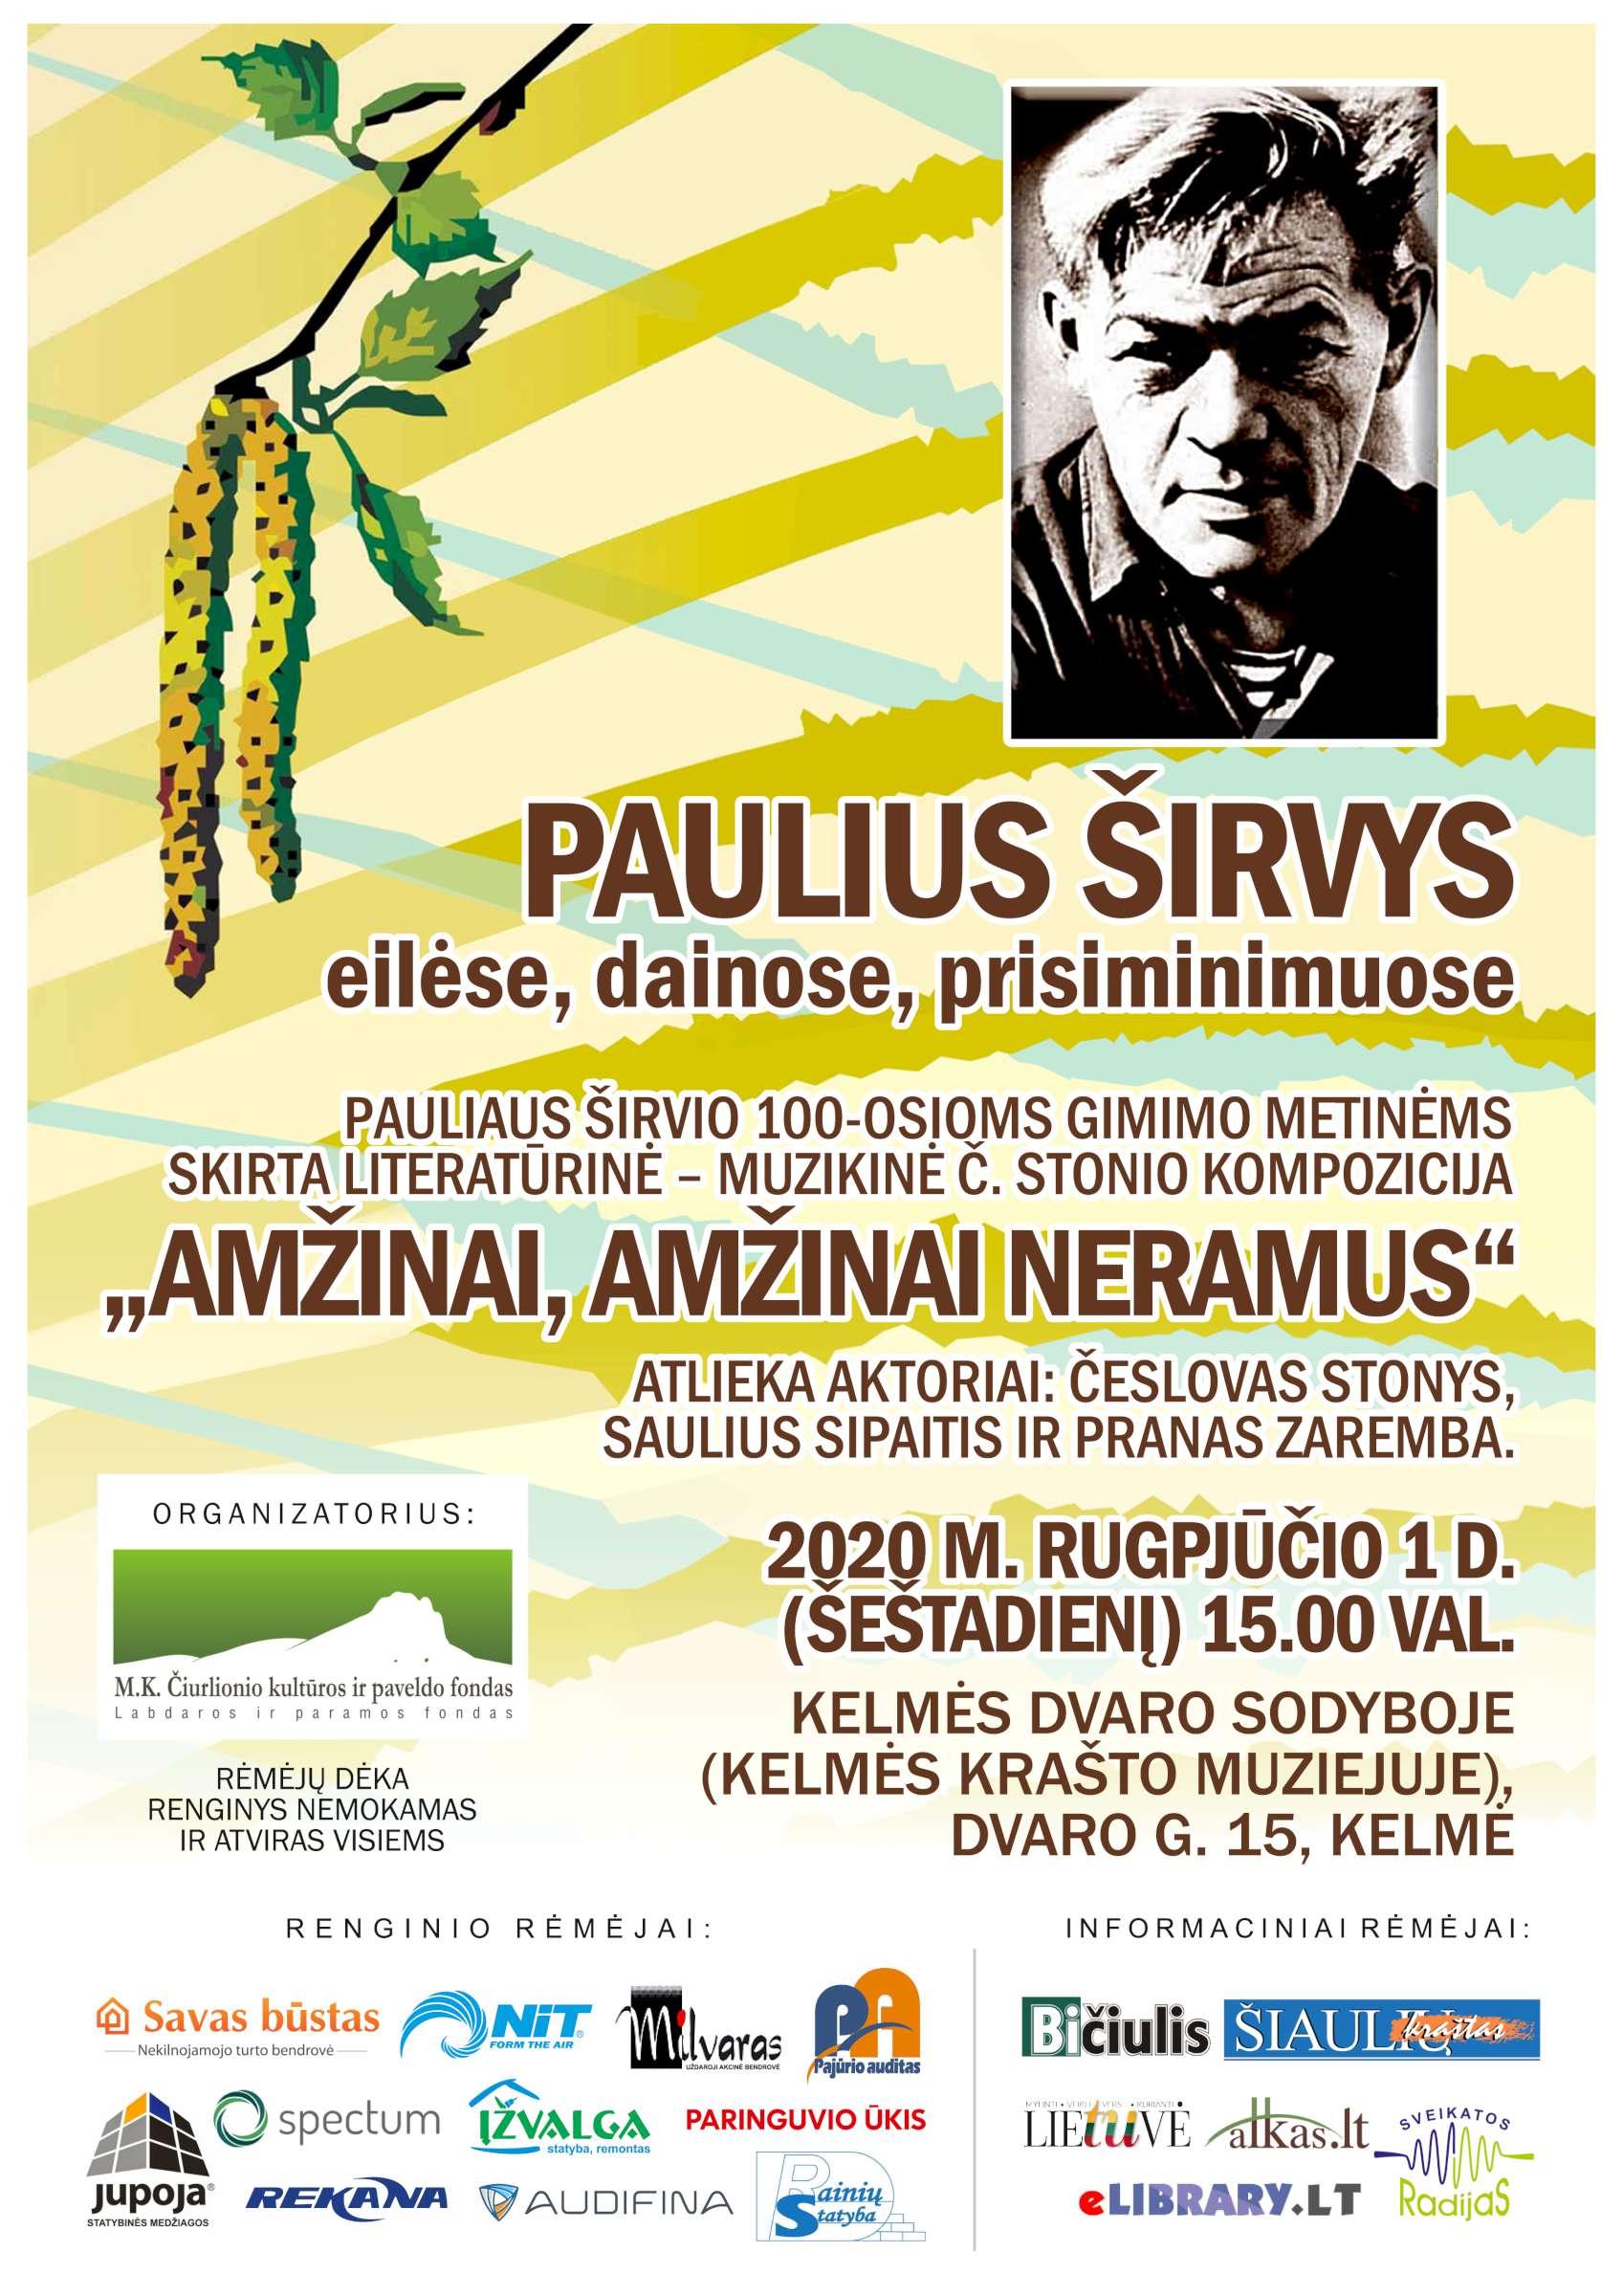 AFISA_Paulius Sirvys_Kelme_2020m-2400